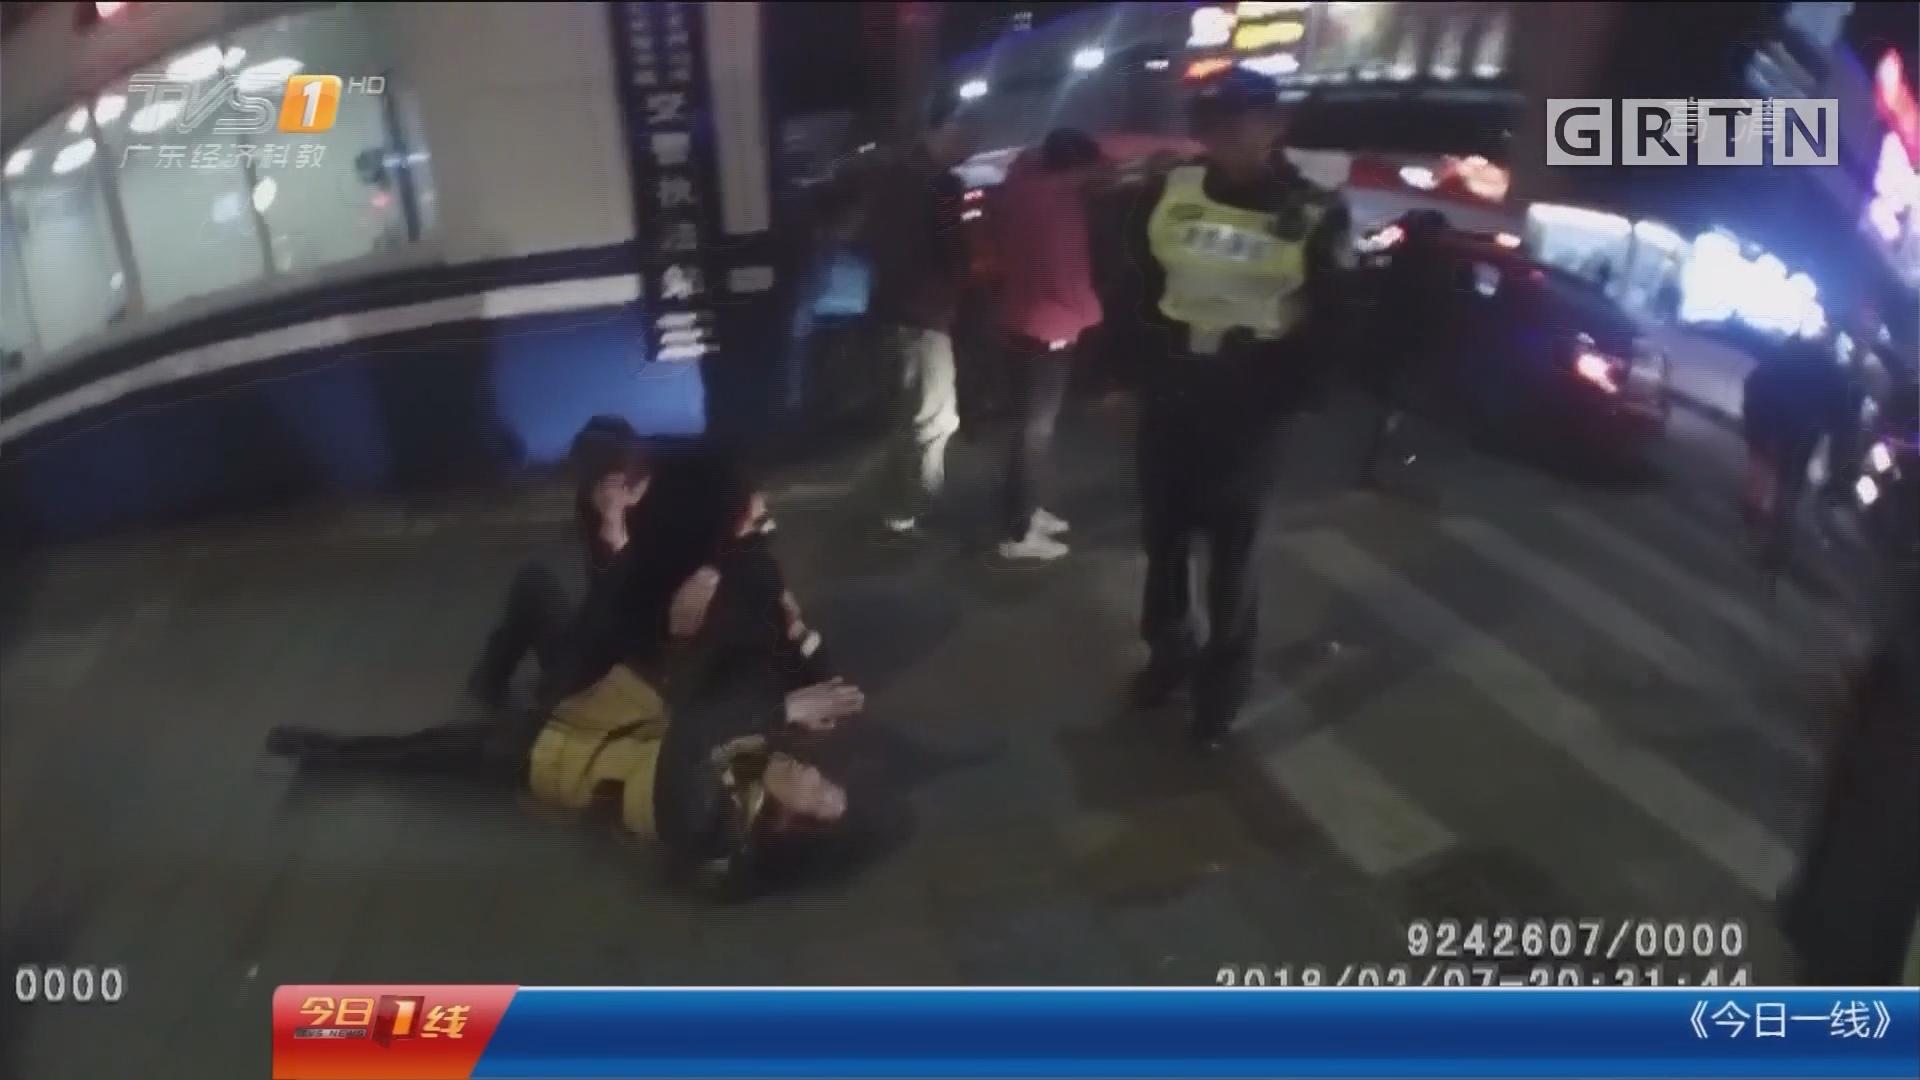 顺德:醉酒女躺路上还袭警 被制服刑拘